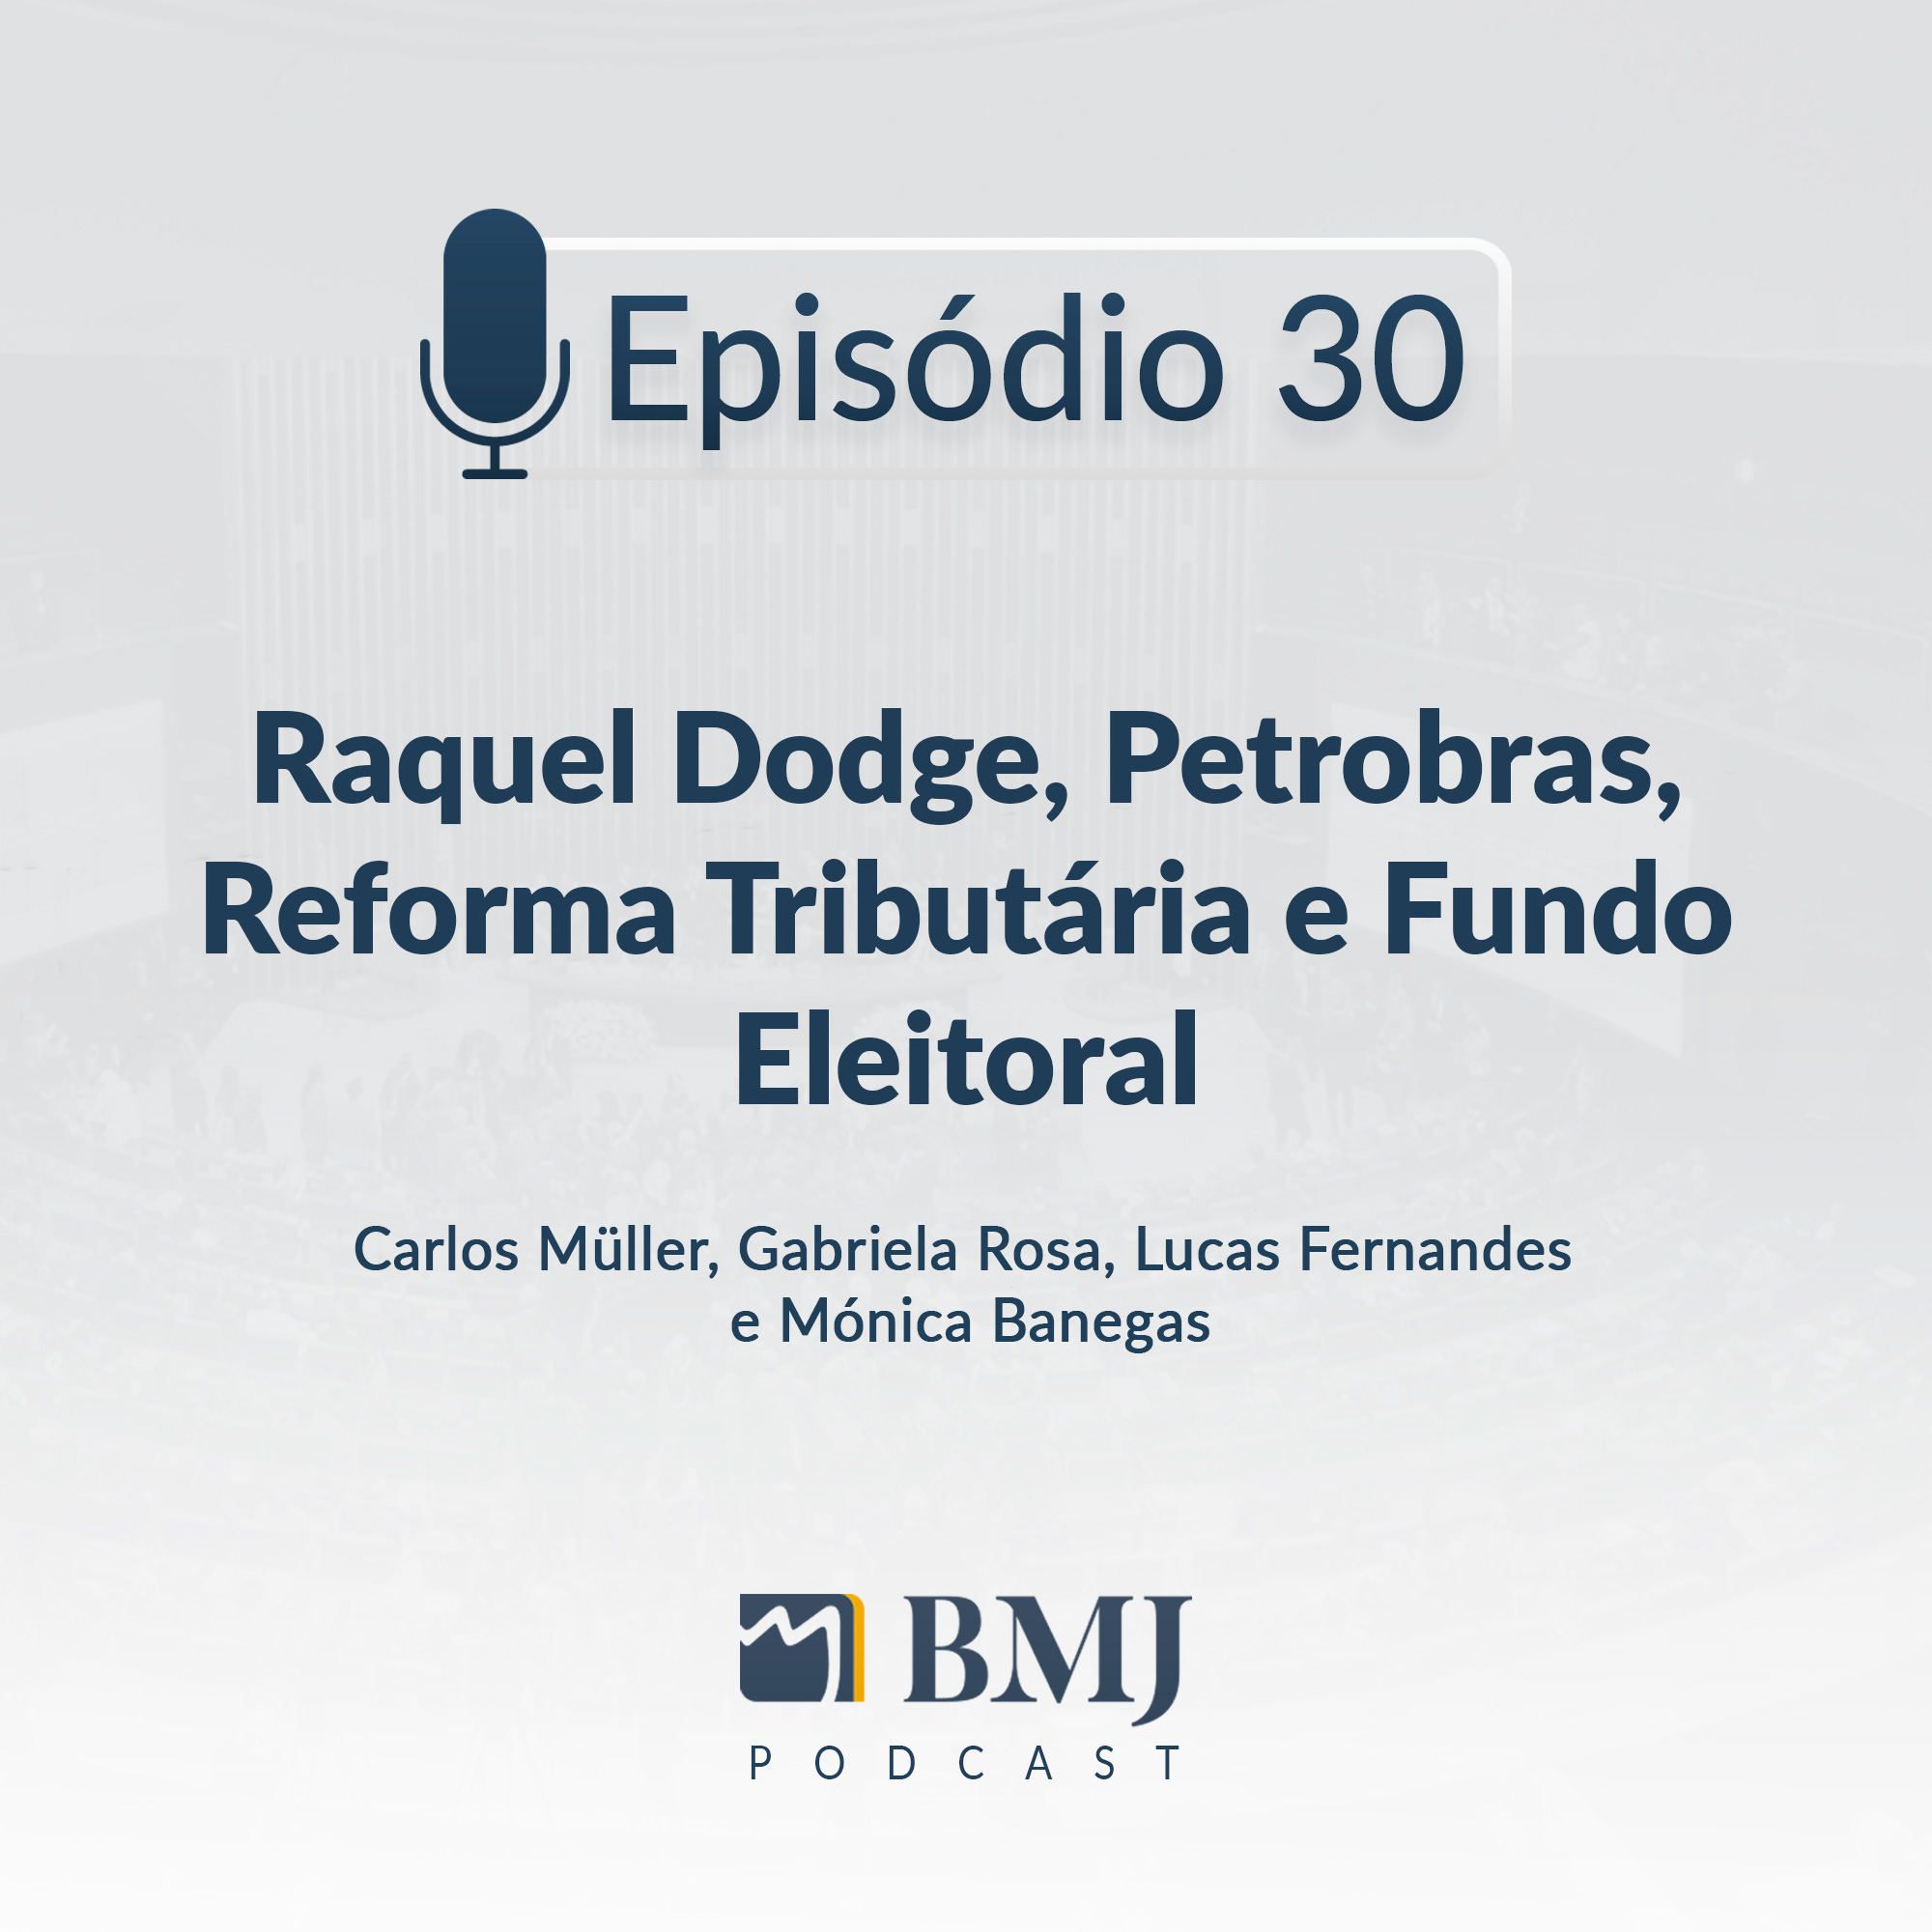 Raquel Dodge, Petrobras, Reforma Tributária e Fundo Eleitoral